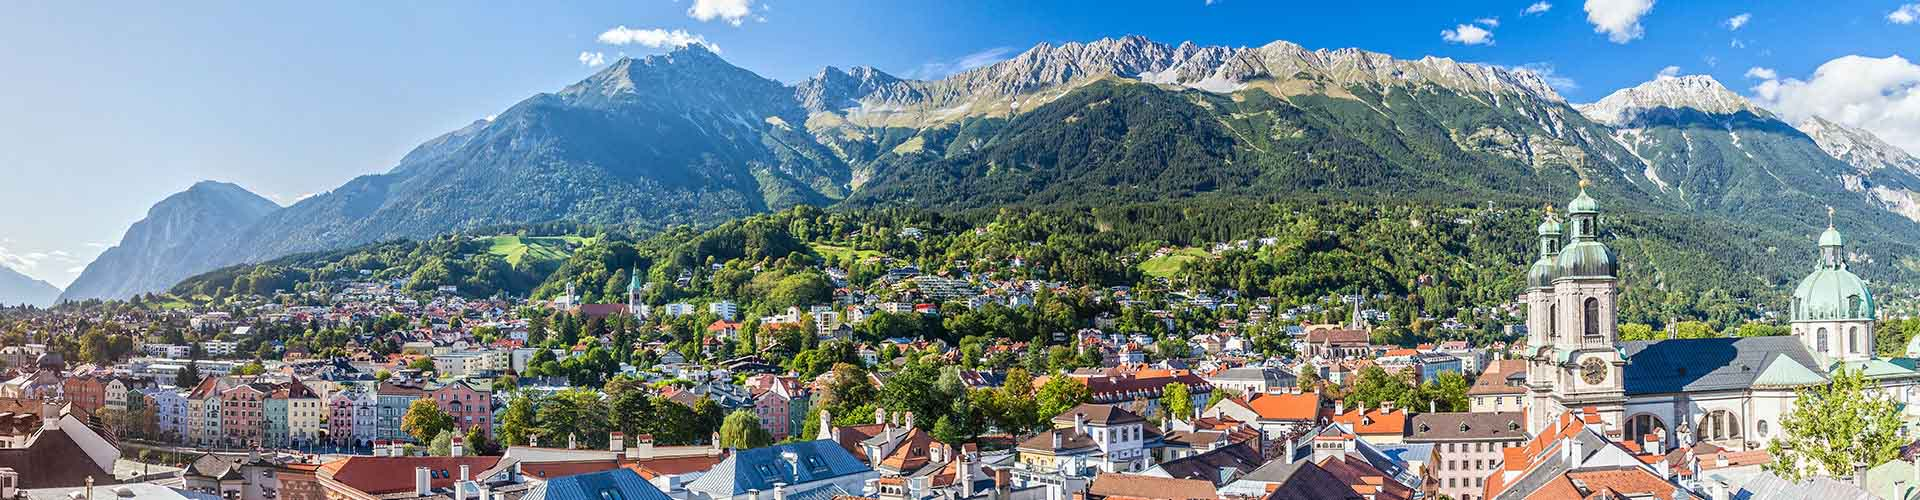 Innsbruck - Auberges de jeunesse à Innsbruck. Cartes pour Innsbruck, photos et commentaires pour chaque auberge de jeunesse à Innsbruck.